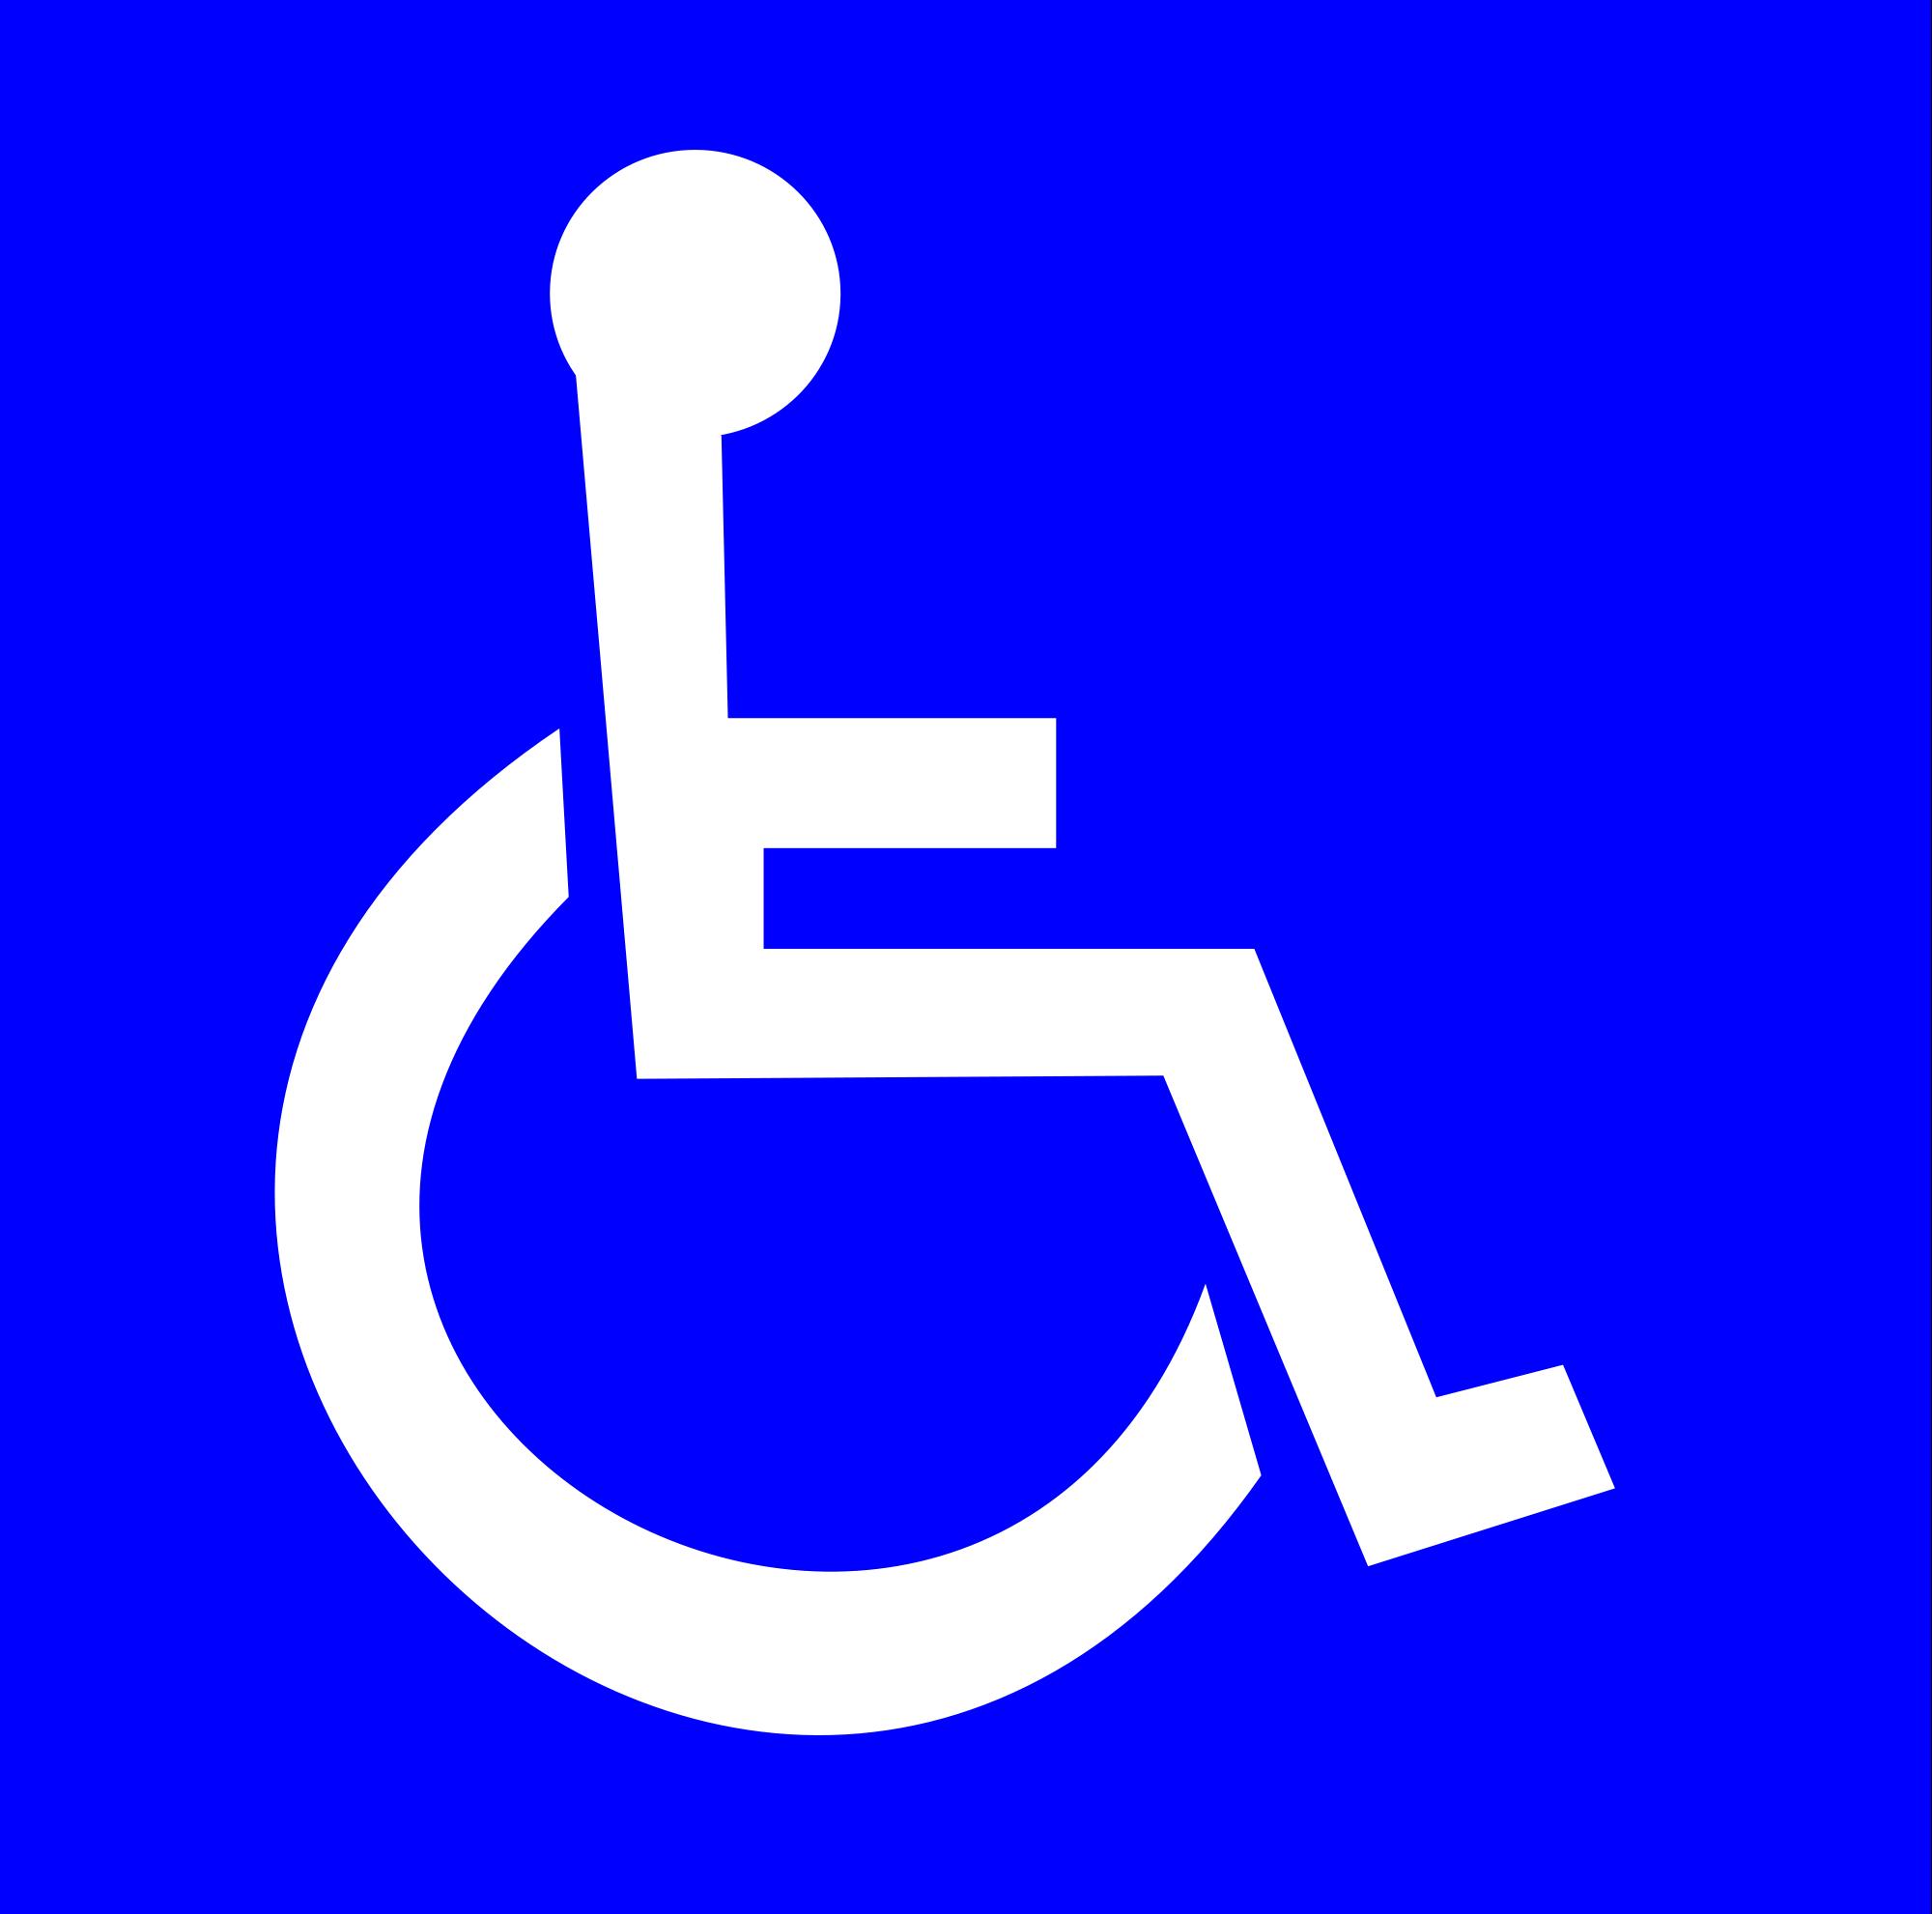 Assegno invalidità civile, requisito socio economico e normativa applicabile